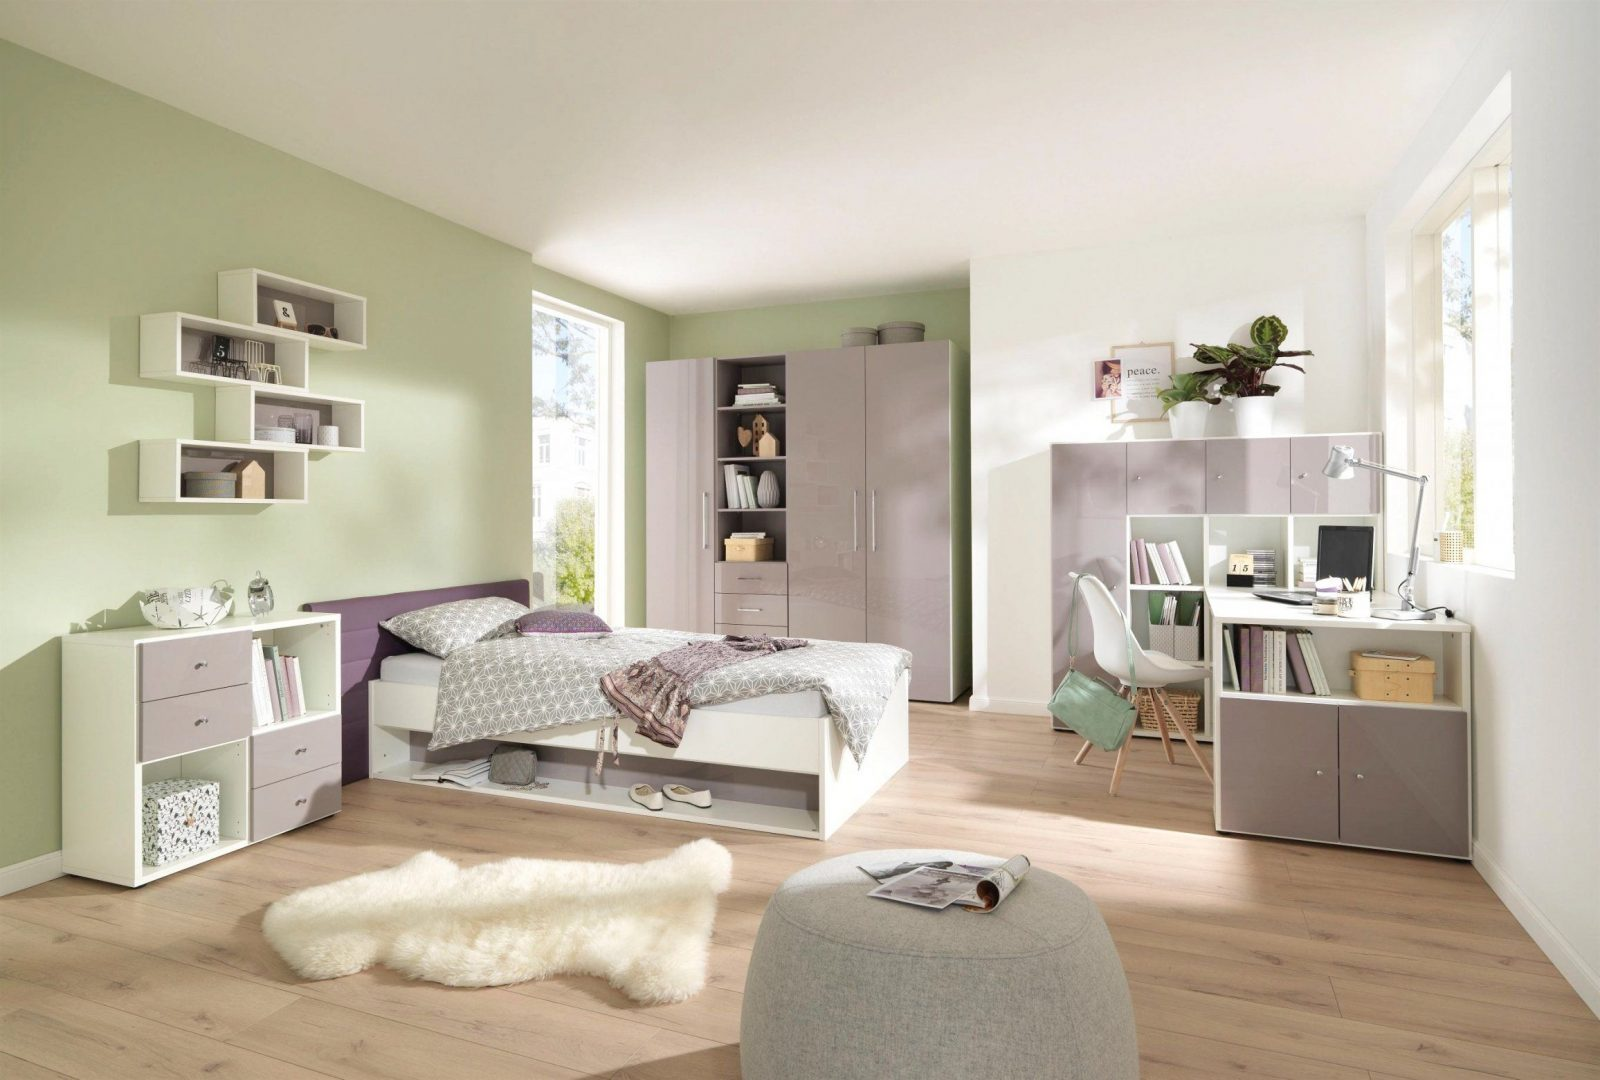 Jugendzimmer Für 2 Mädchen Wohndesign Coole von Coole Jugendzimmer Für Mädchen Bild